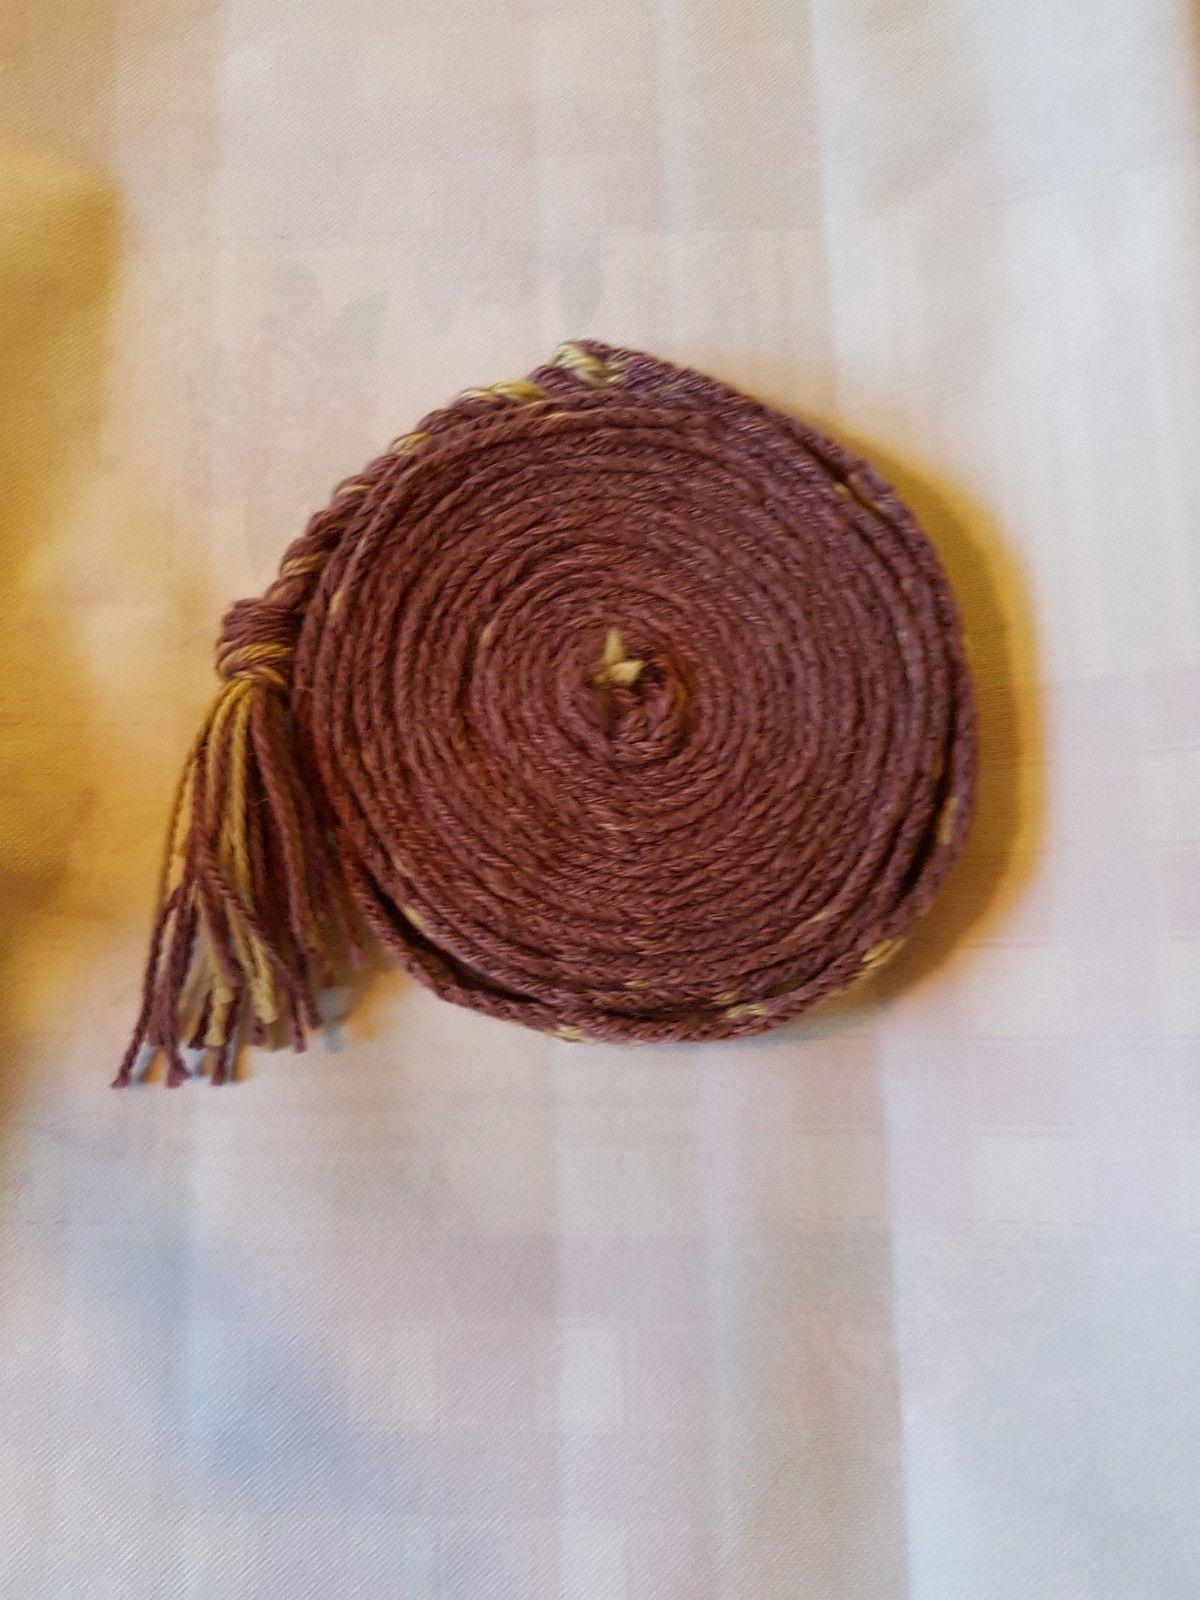 Hjemmelaget brikkevevbånd - Oppaker  - Selger et brikkevev bånd som er viking inspirert. Brikkevev båndet er laget av ullgarn som er selv farget av naturprodukter. Garnet er vasket med milo etter farging, og bør kun vaskes med milo. Det lilla garnet er farget av ferske blåbær o - Oppaker